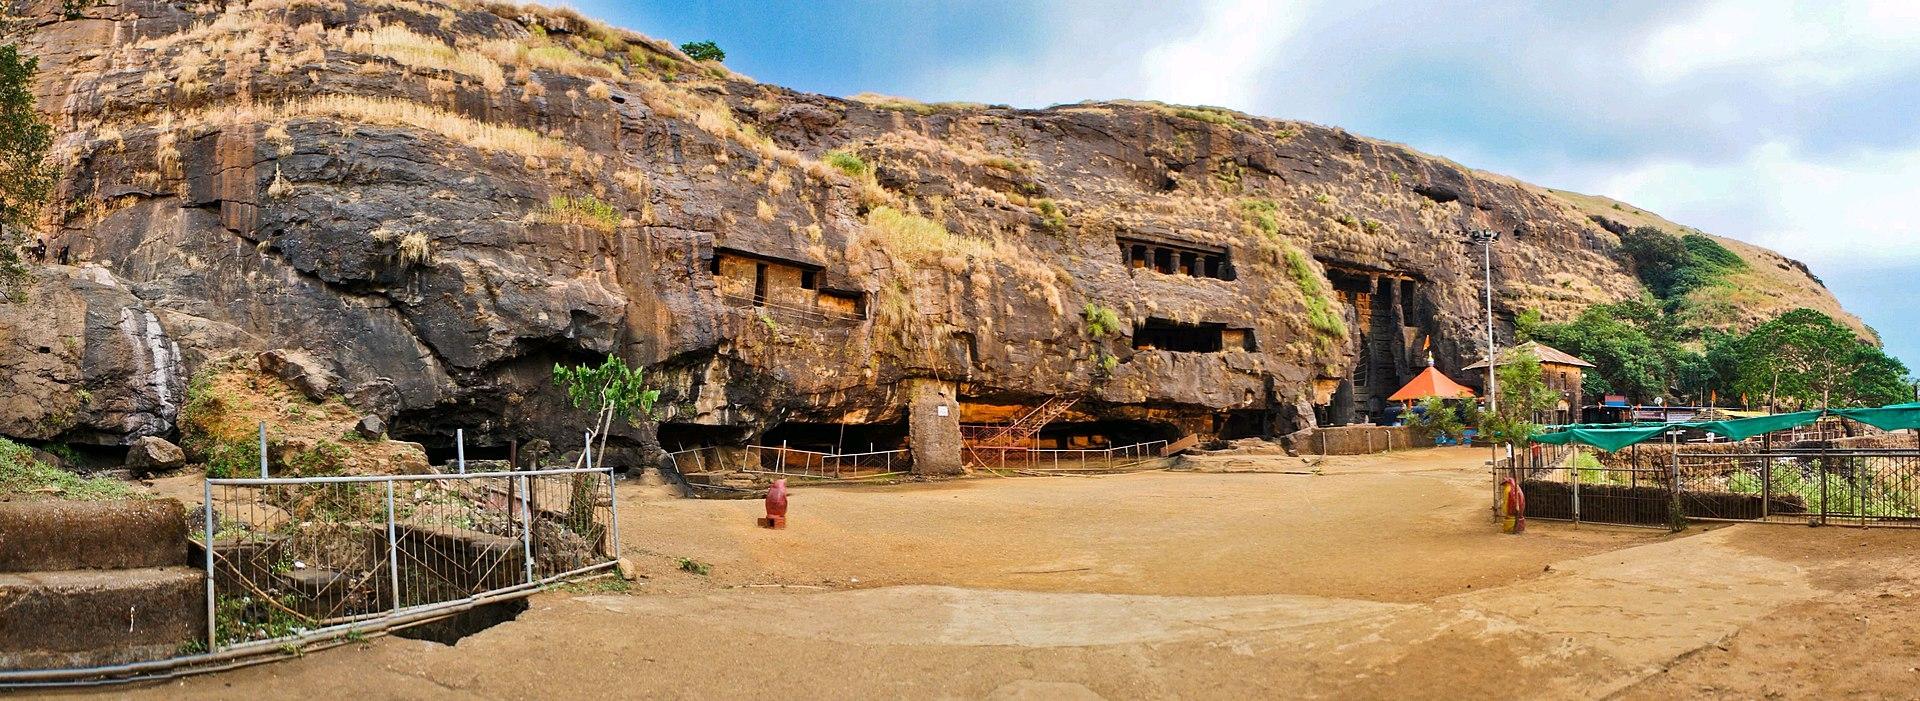 महाराष्ट्र की 5 ऐतिहासिक गुफाएं